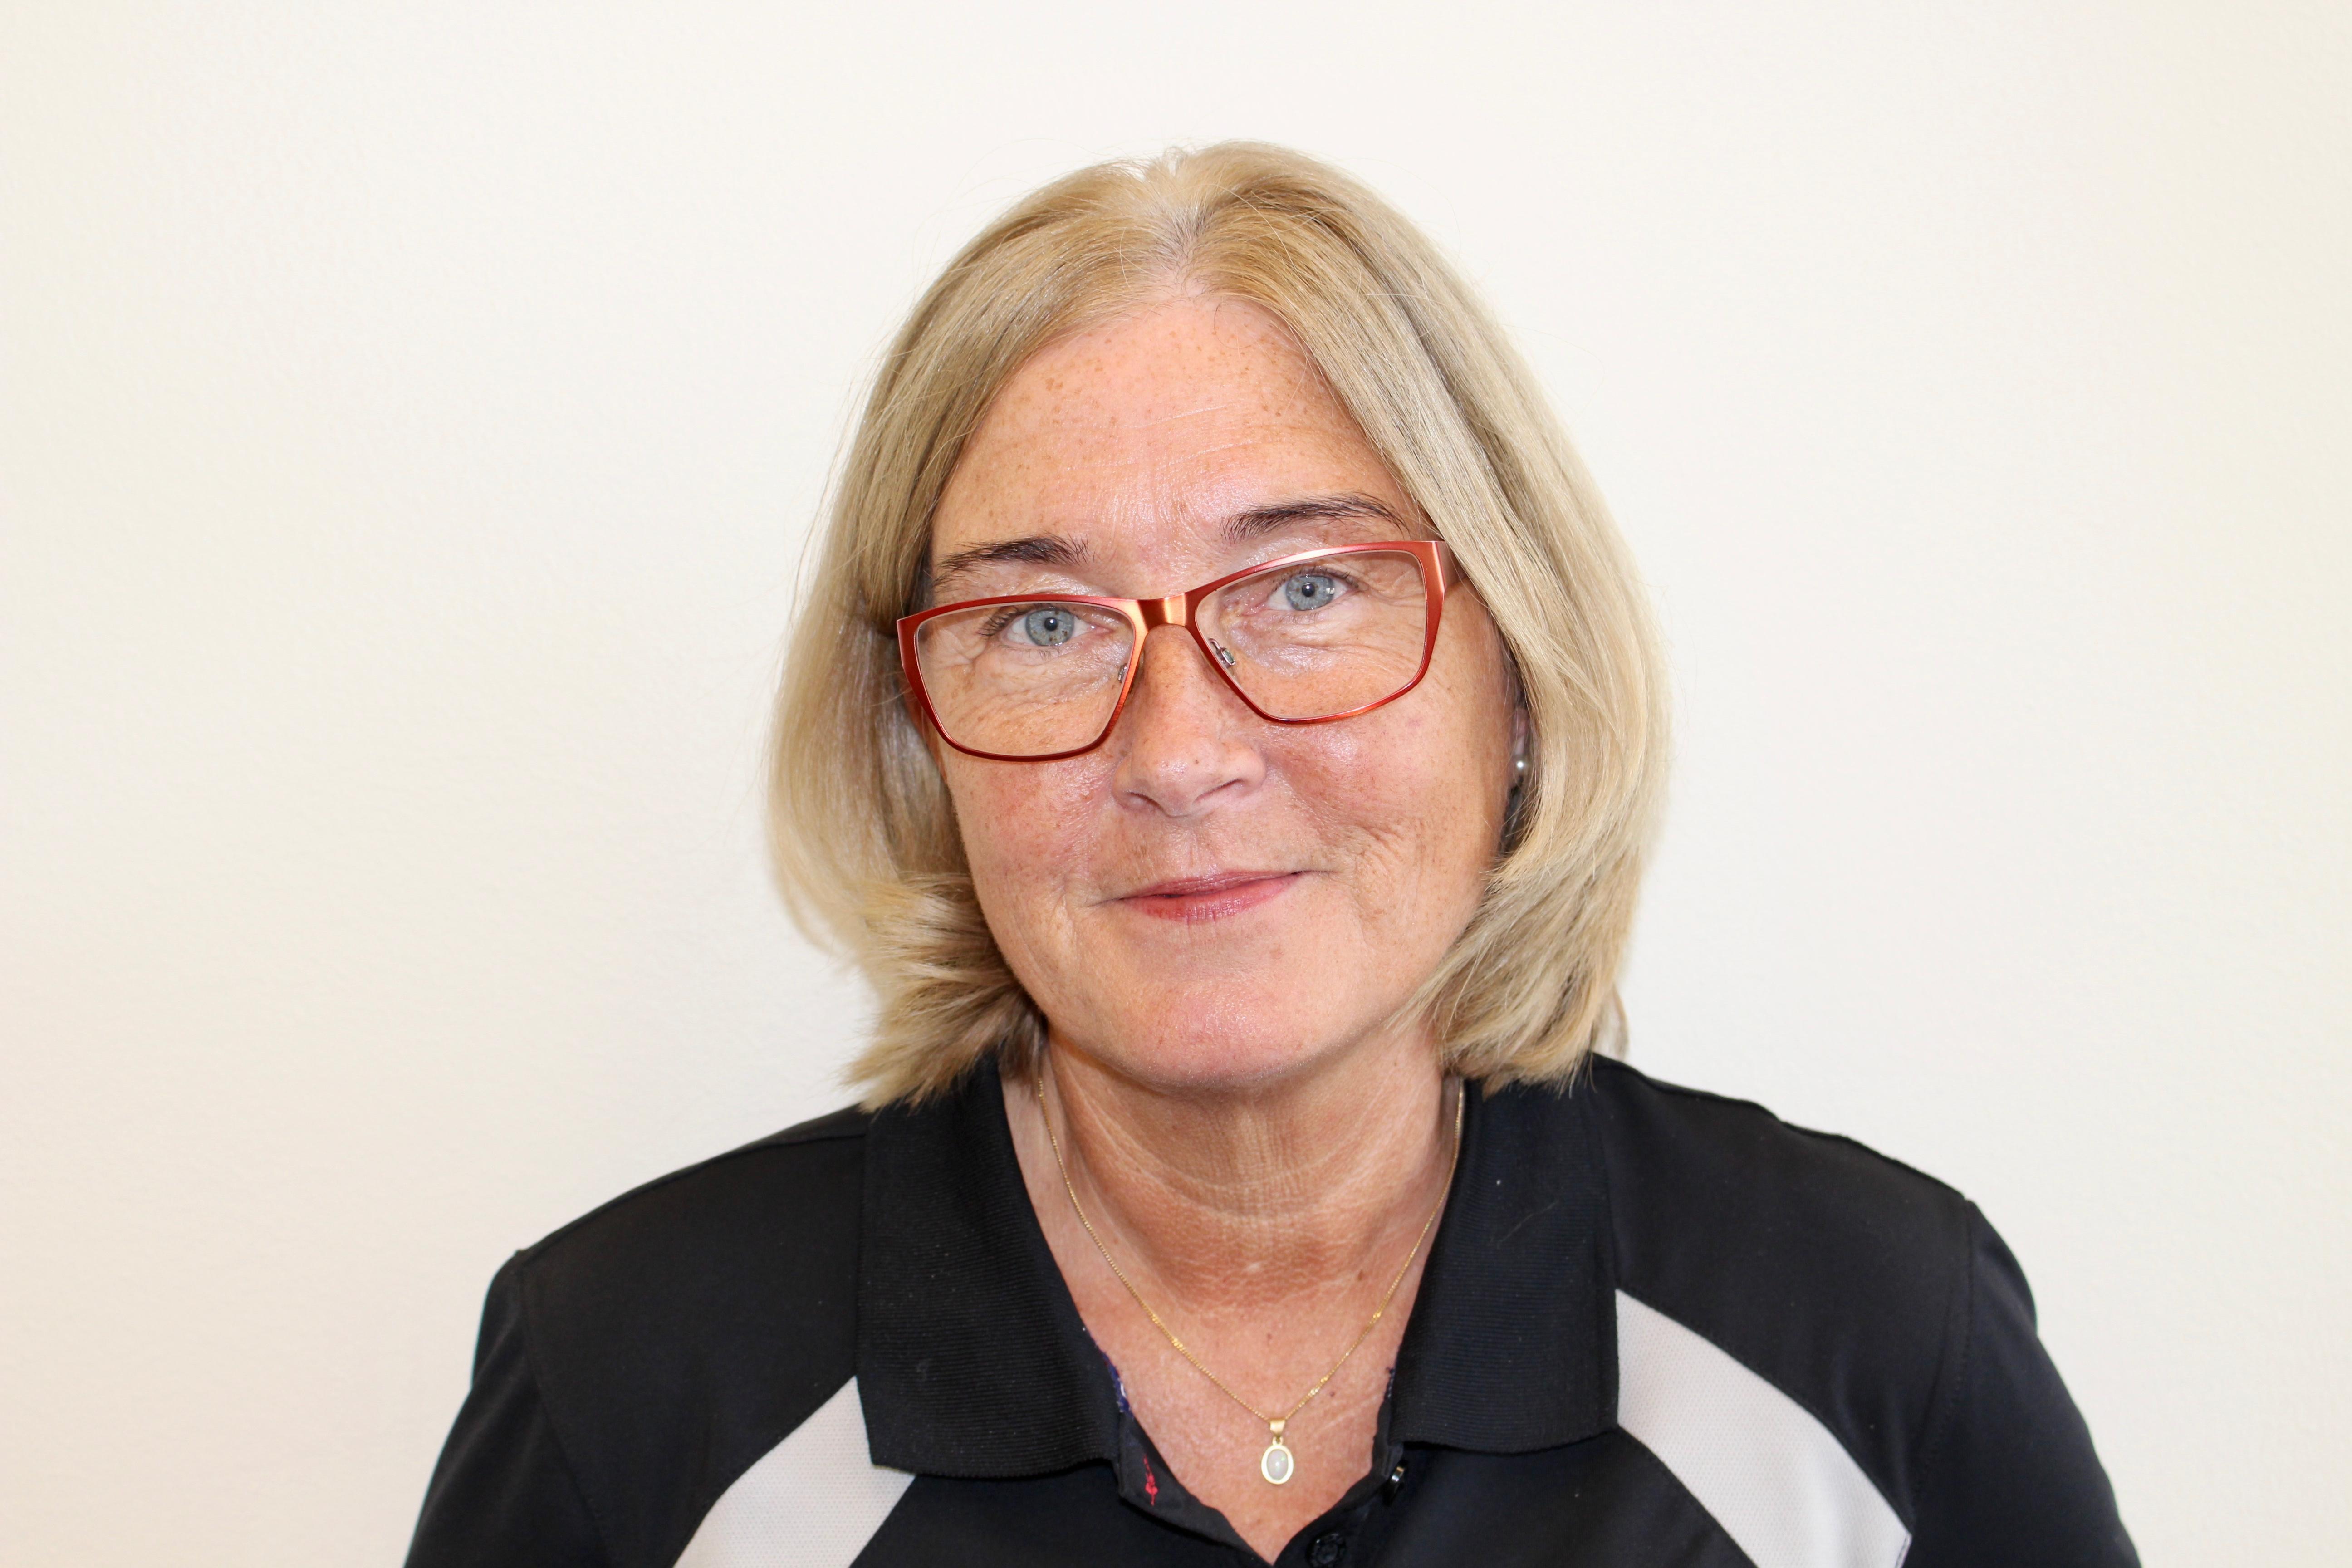 Maria Knutsson